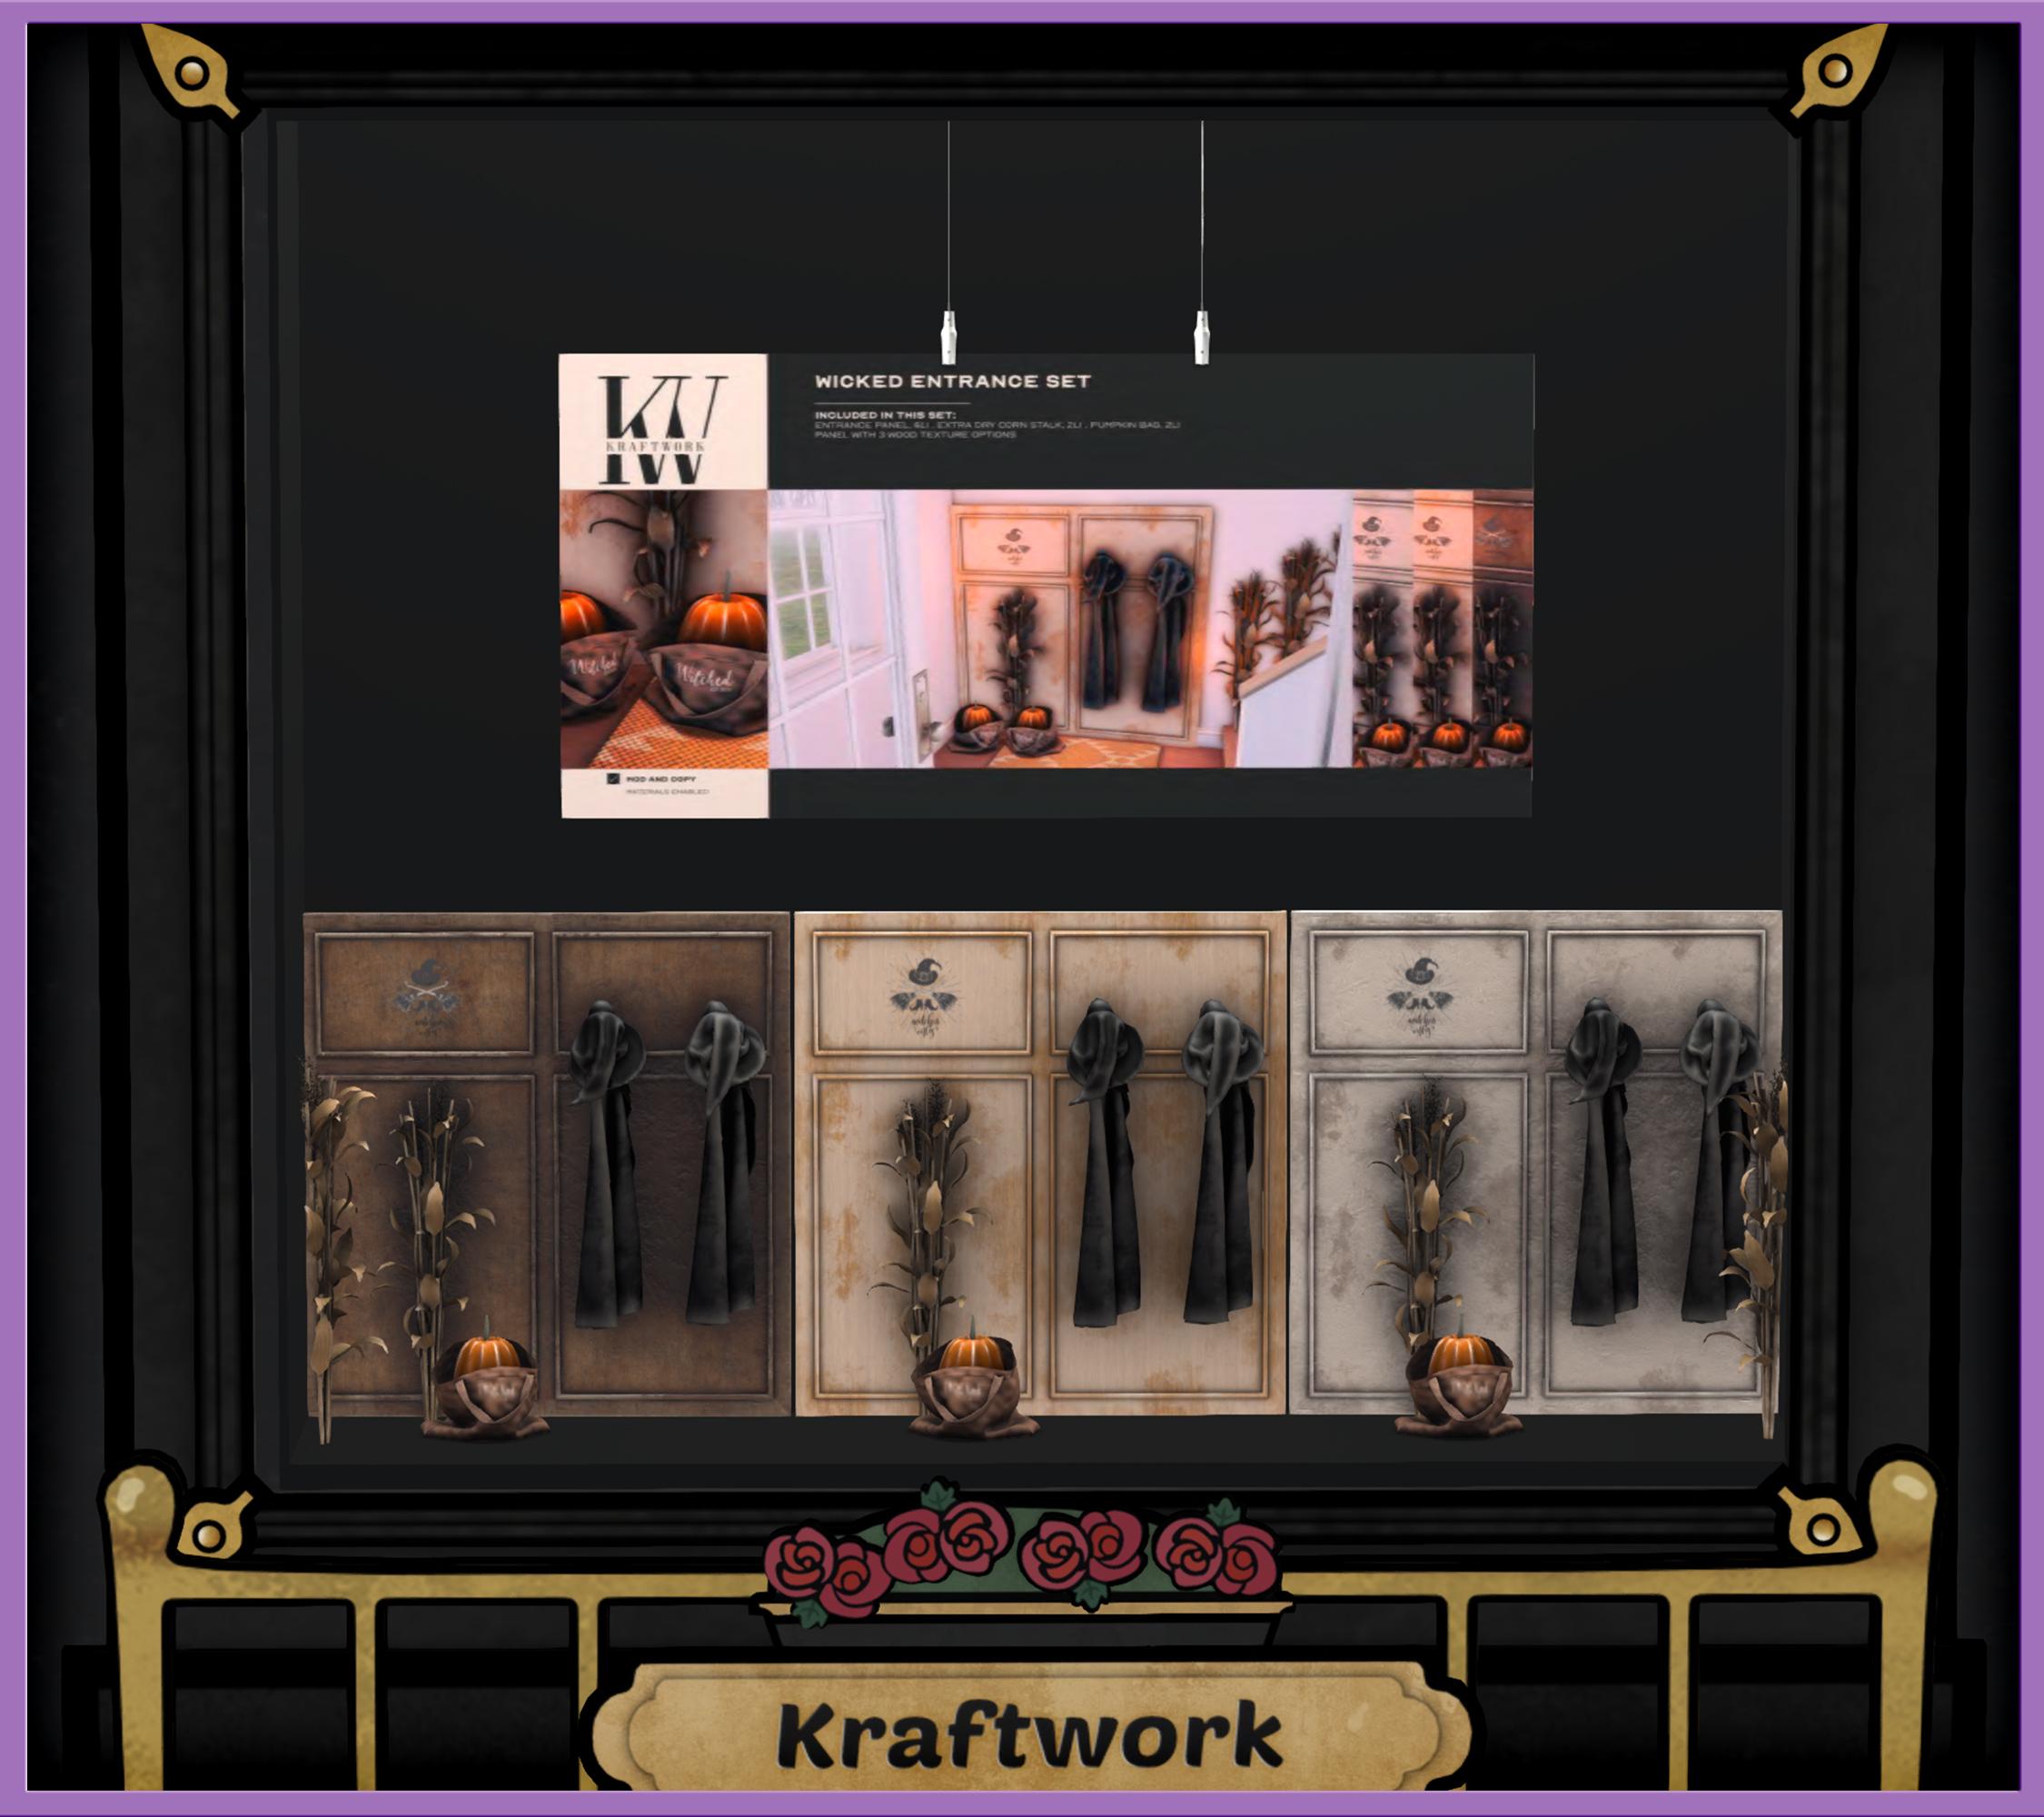 Kraftwork